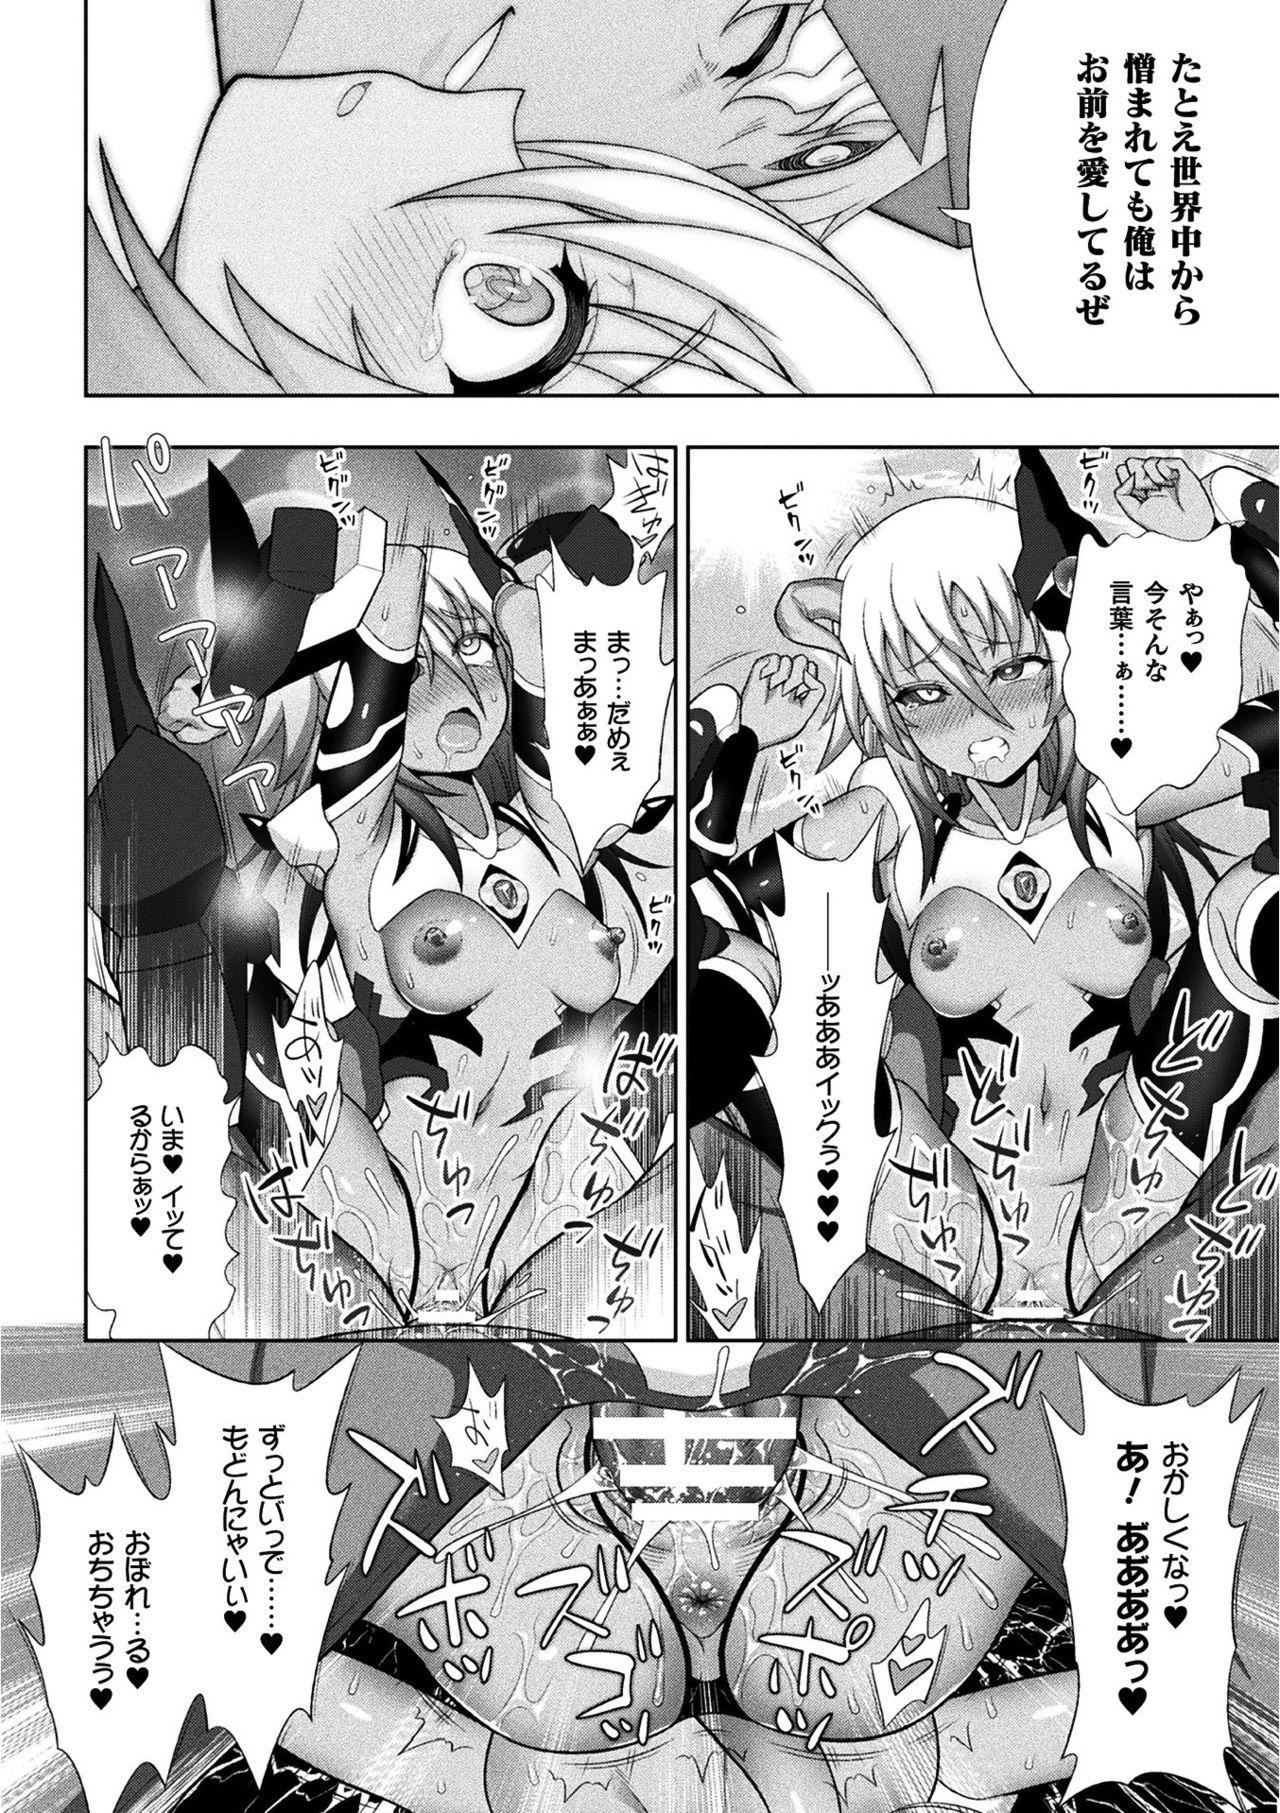 Kukkoro Heroines Vol. 12 21